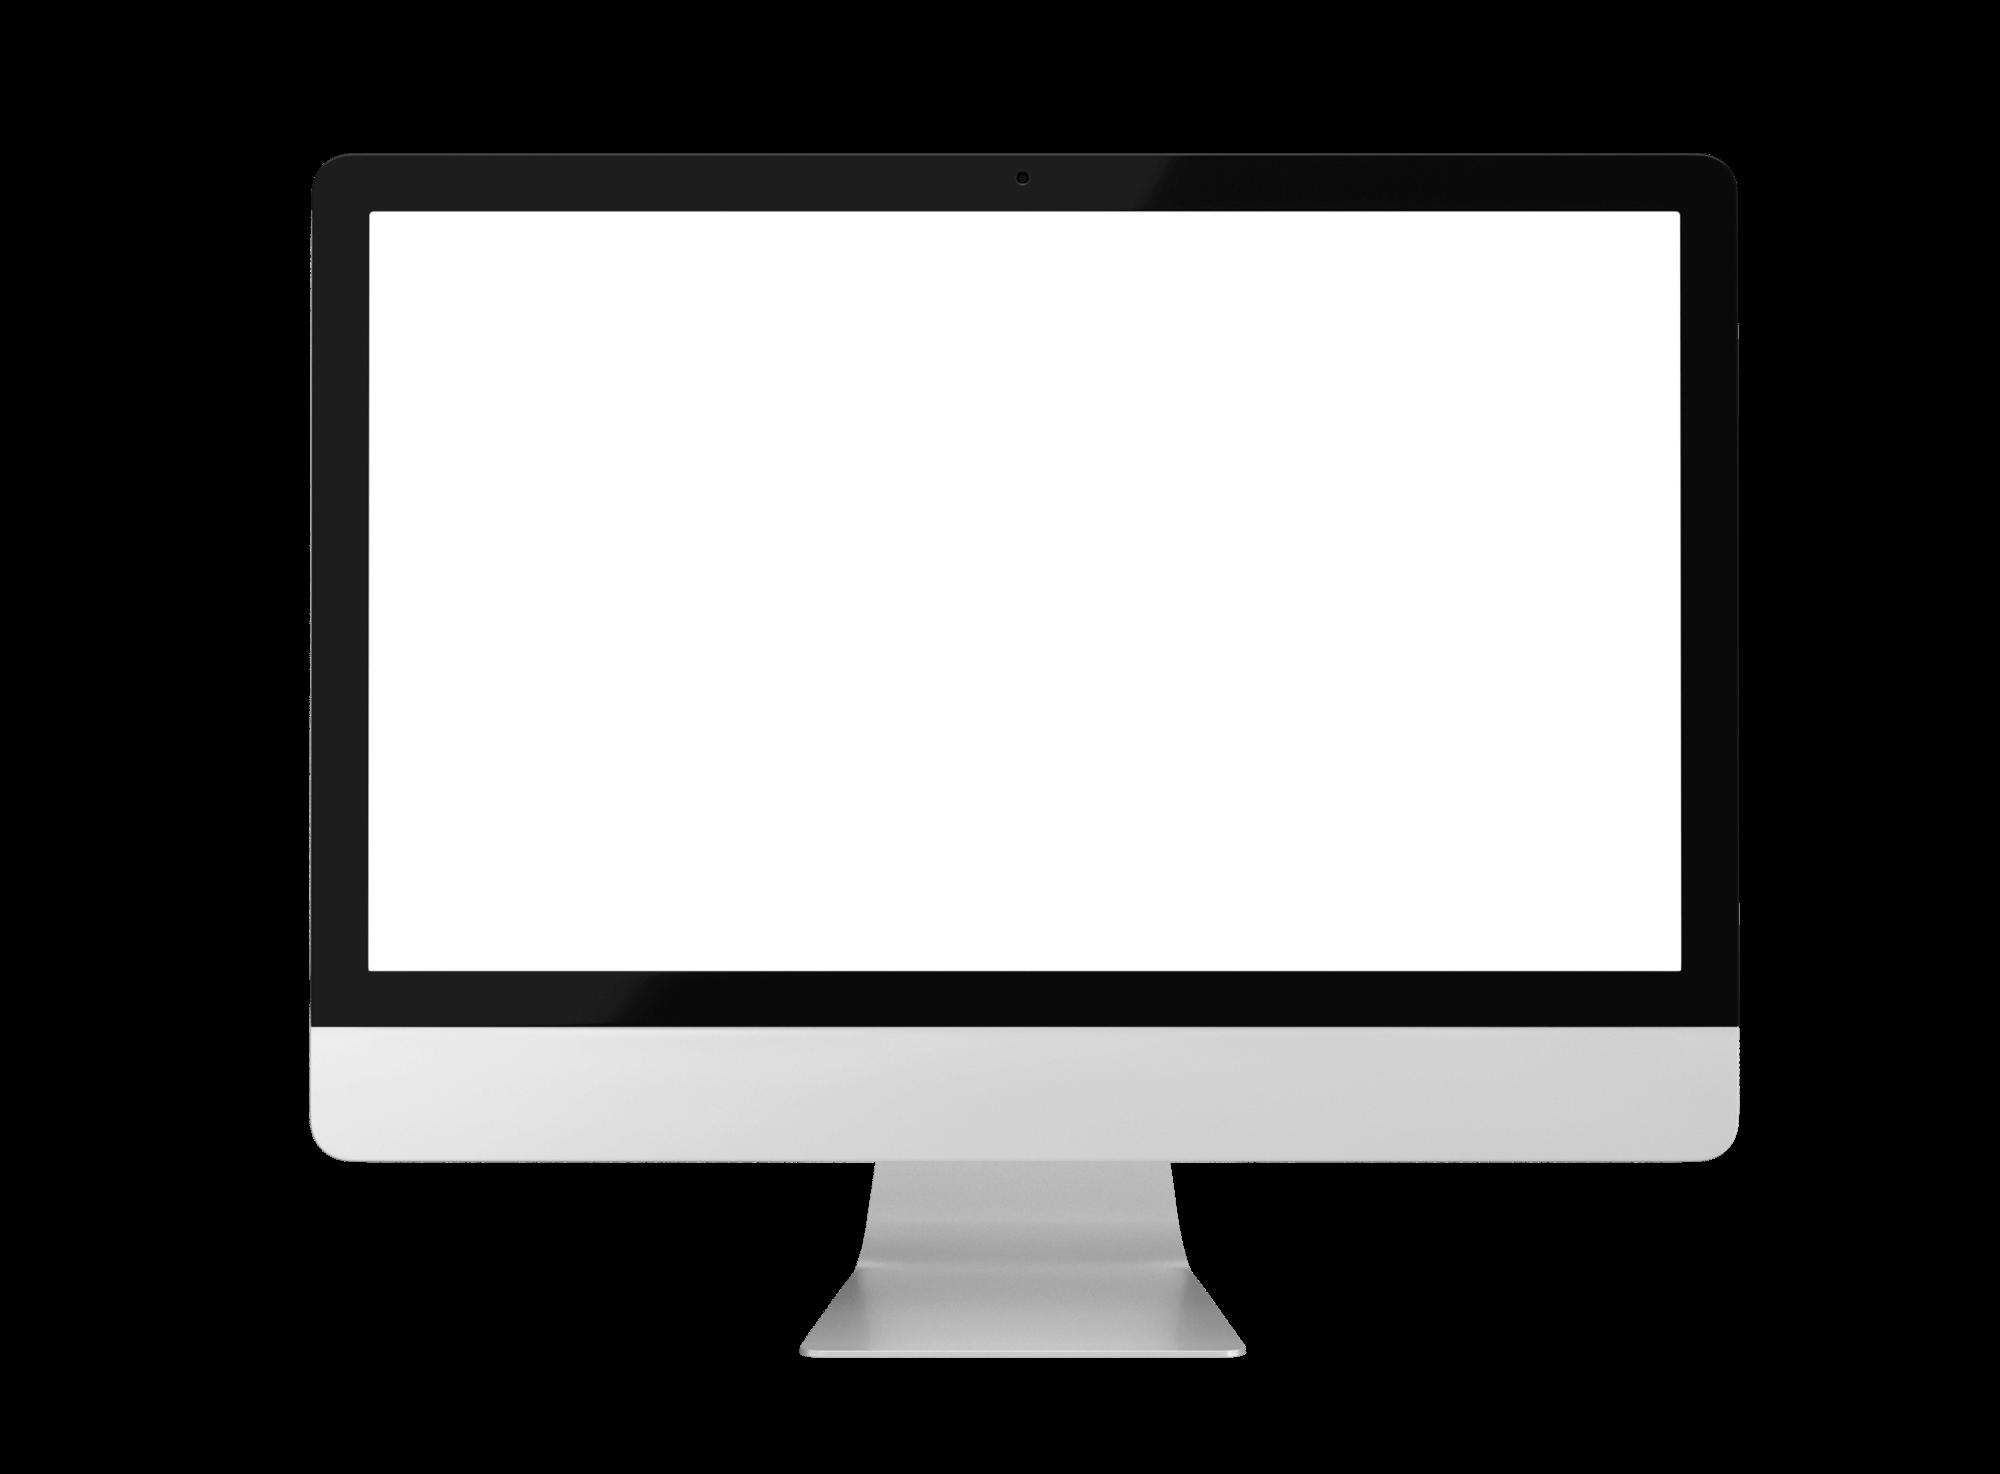 mac_desktop_screen_mockup_03 (2).png